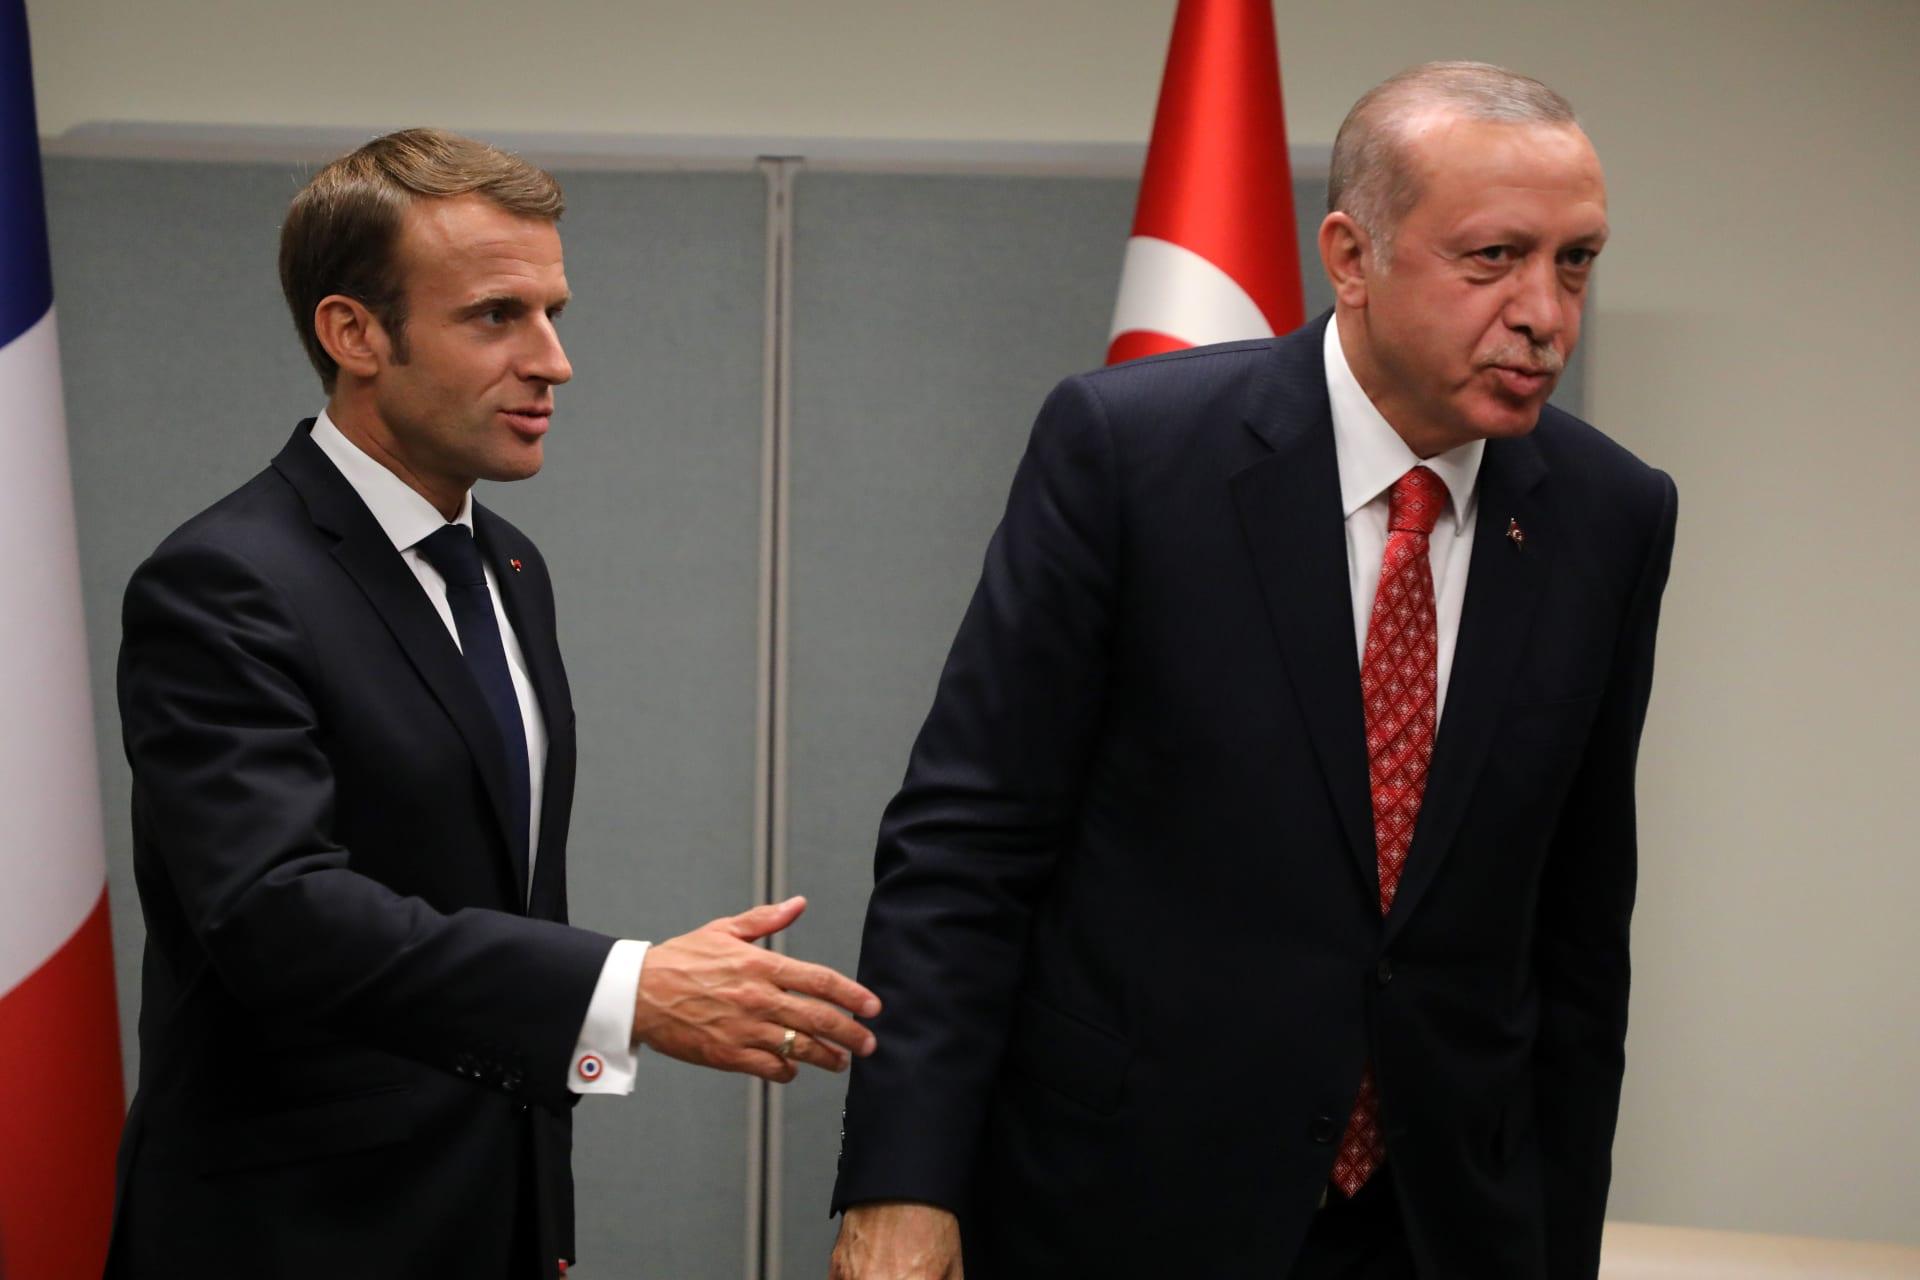 صورة أرشيفية لأردوغان وماكرون خلال لقاء بينهما في سبتمبر 2018